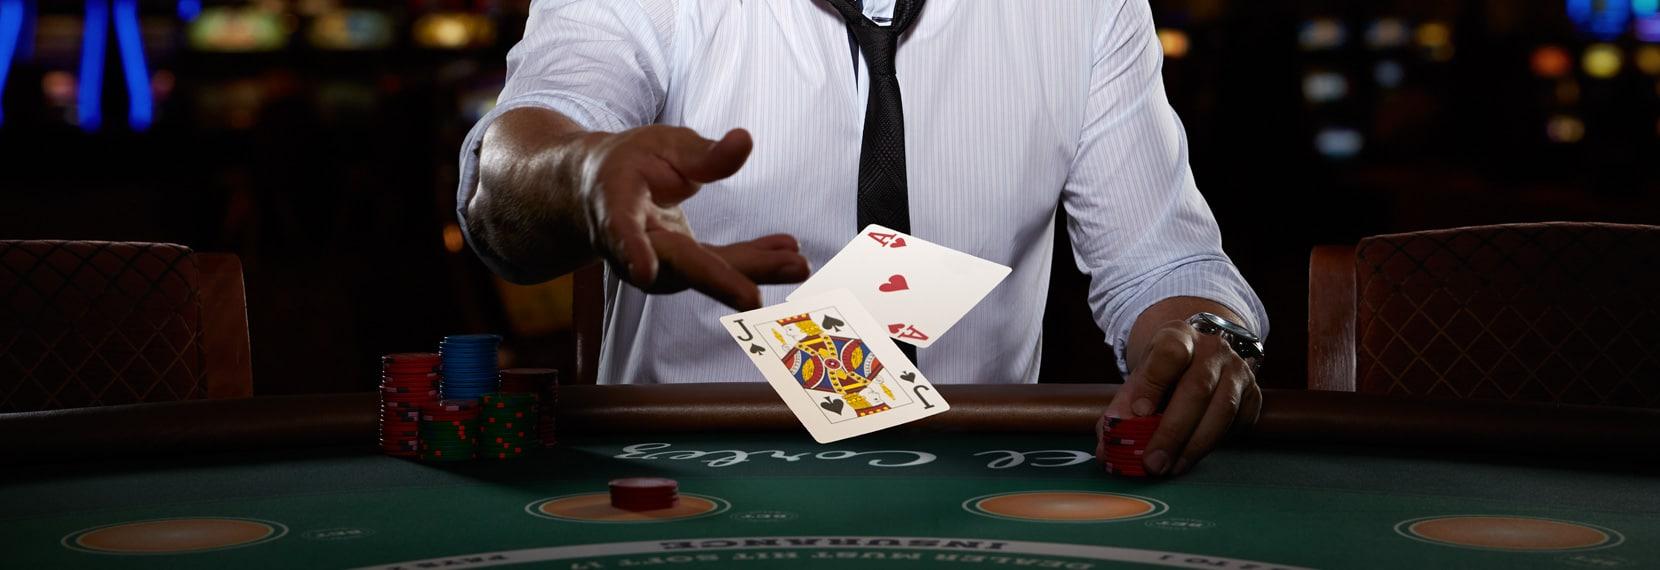 L'intérêt d'un blackjack en live